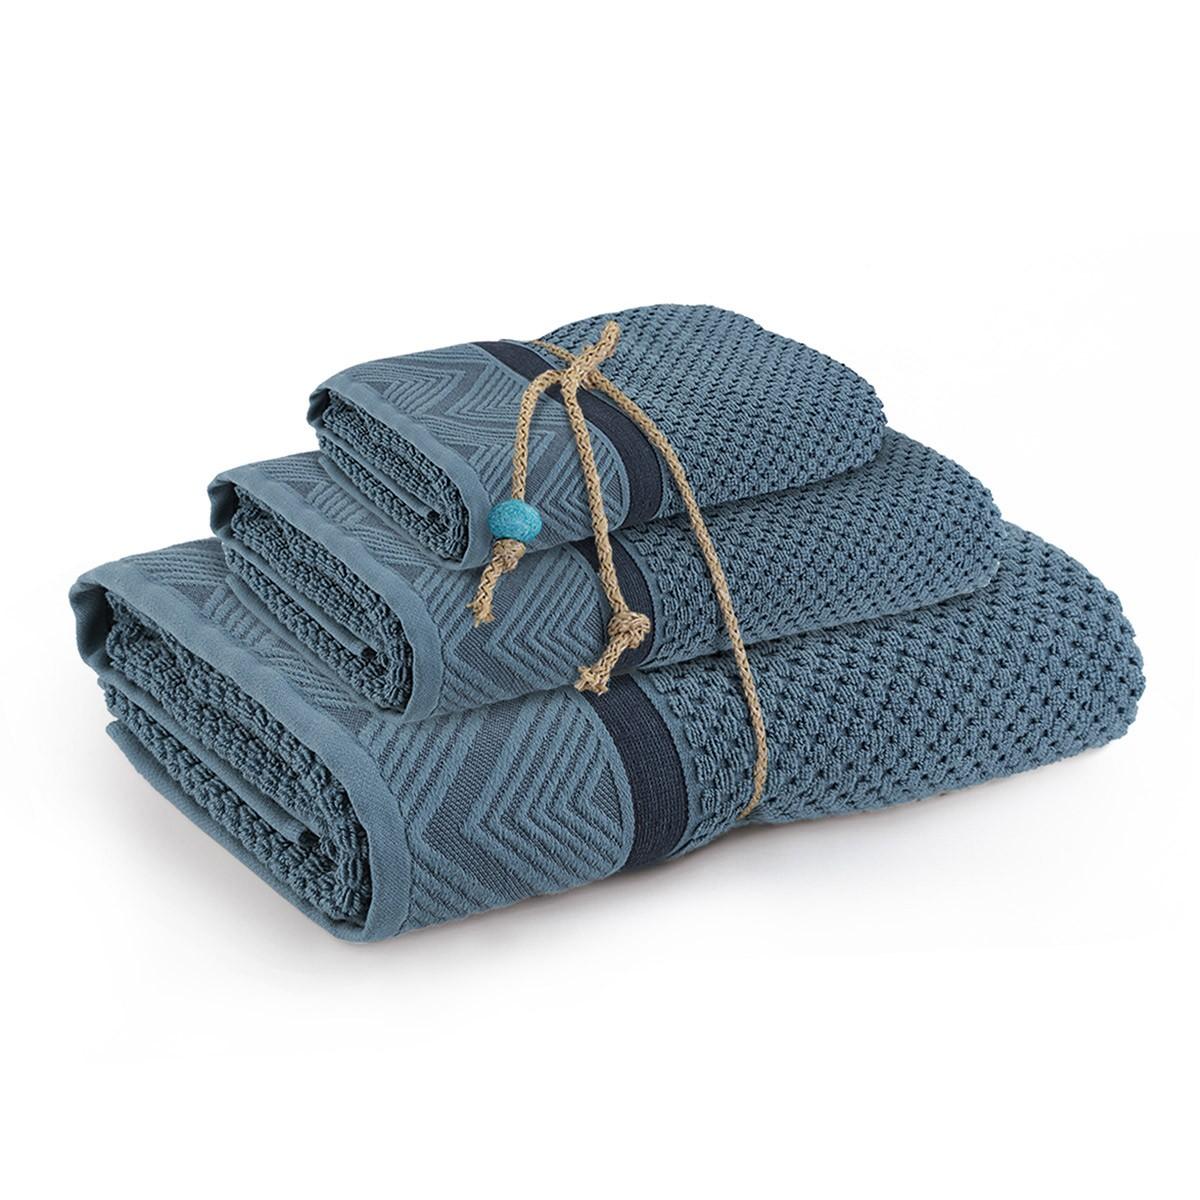 Πετσέτες Μπάνιου (Σετ 3τμχ) Nef-Nef Blue Lucia